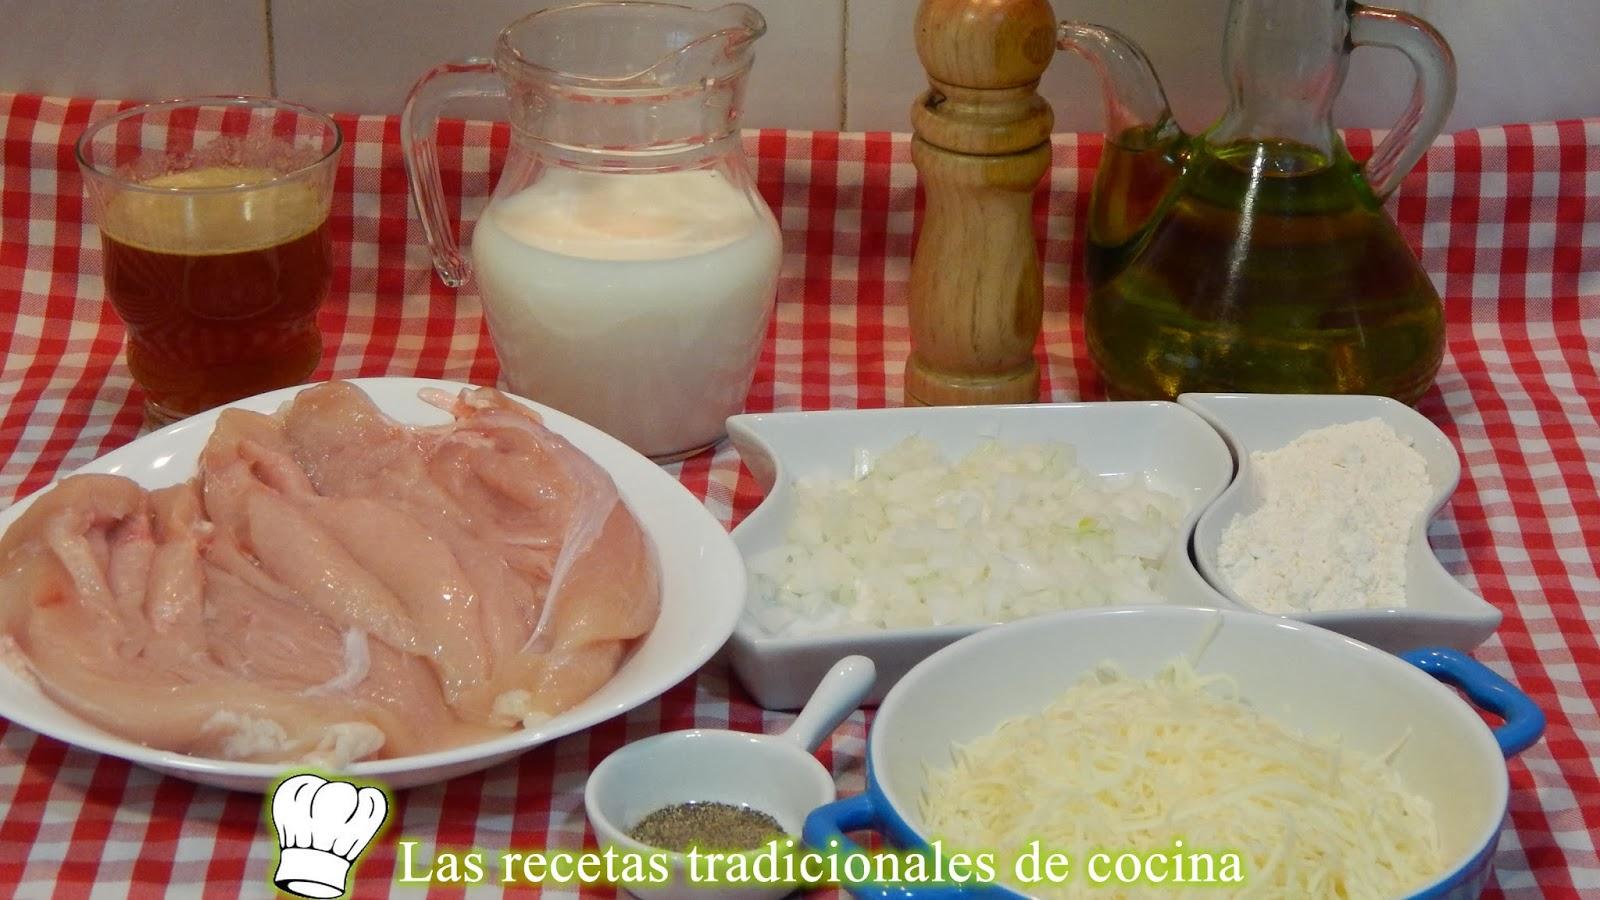 Pechugas de pollo gratinadas con bechamel Ingredientes+de+pechugas+de+pollo+con+bechamel